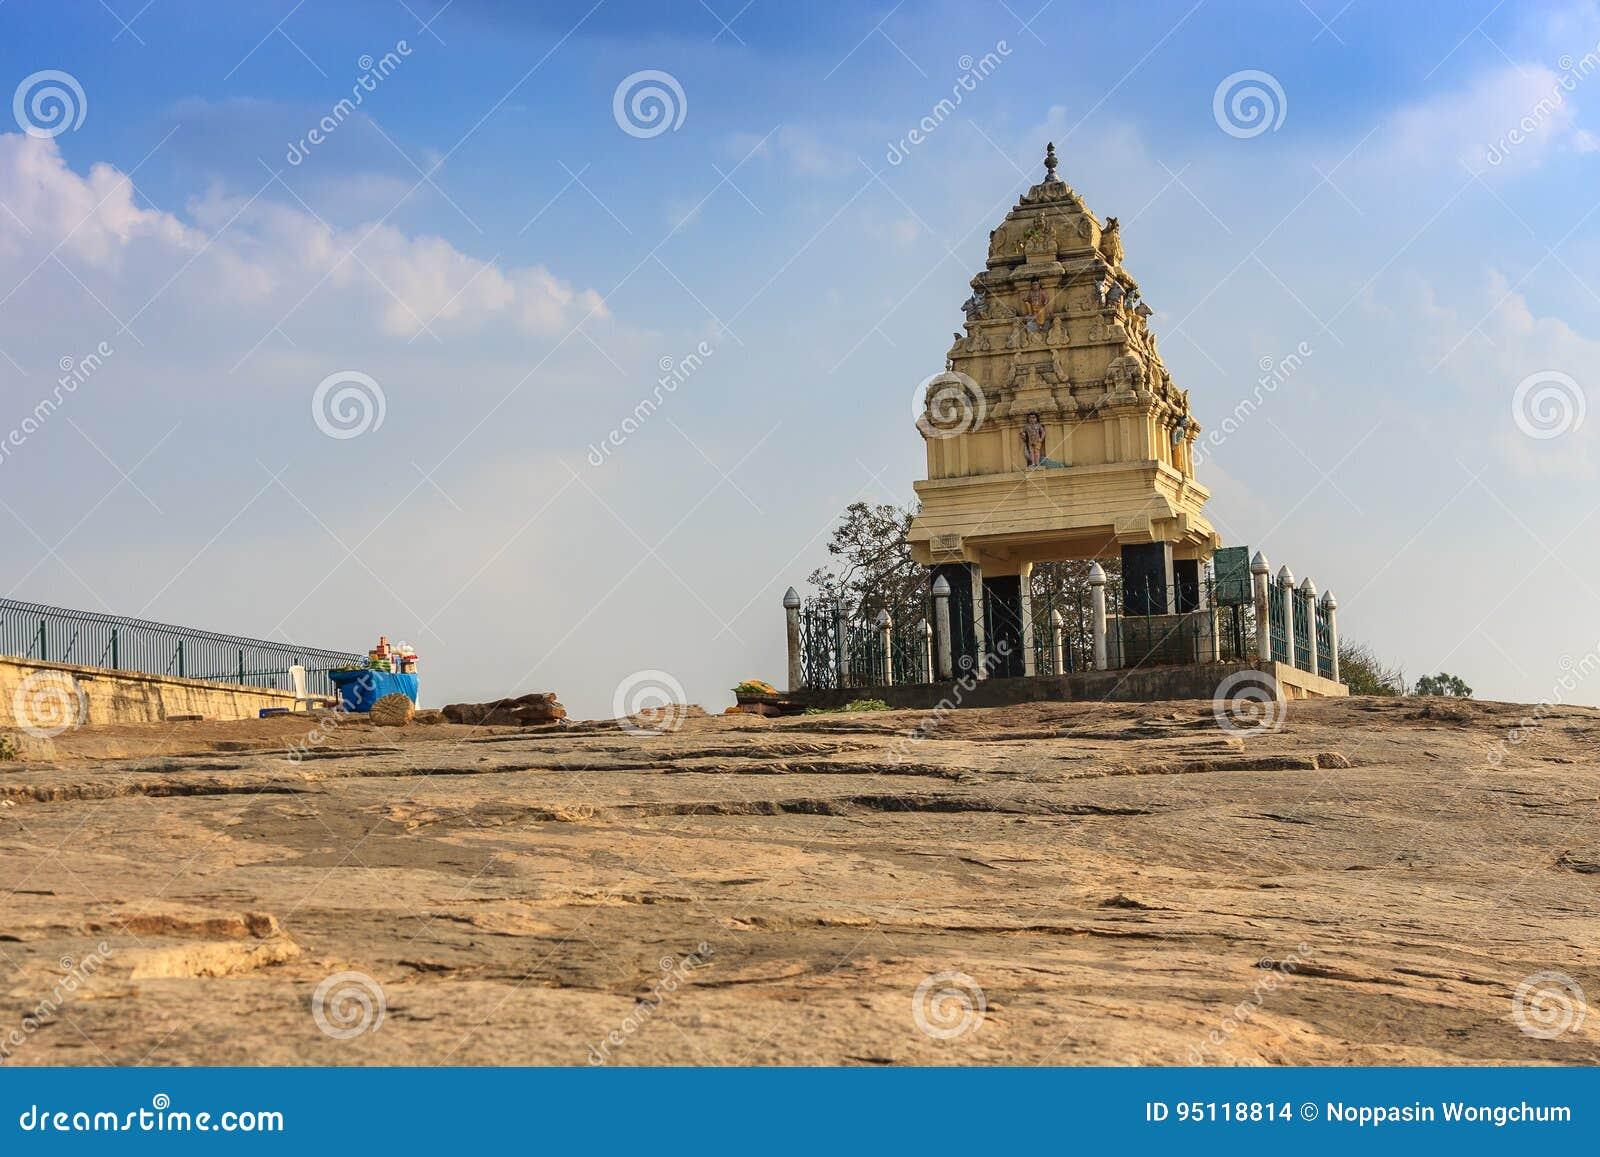 班格洛印度